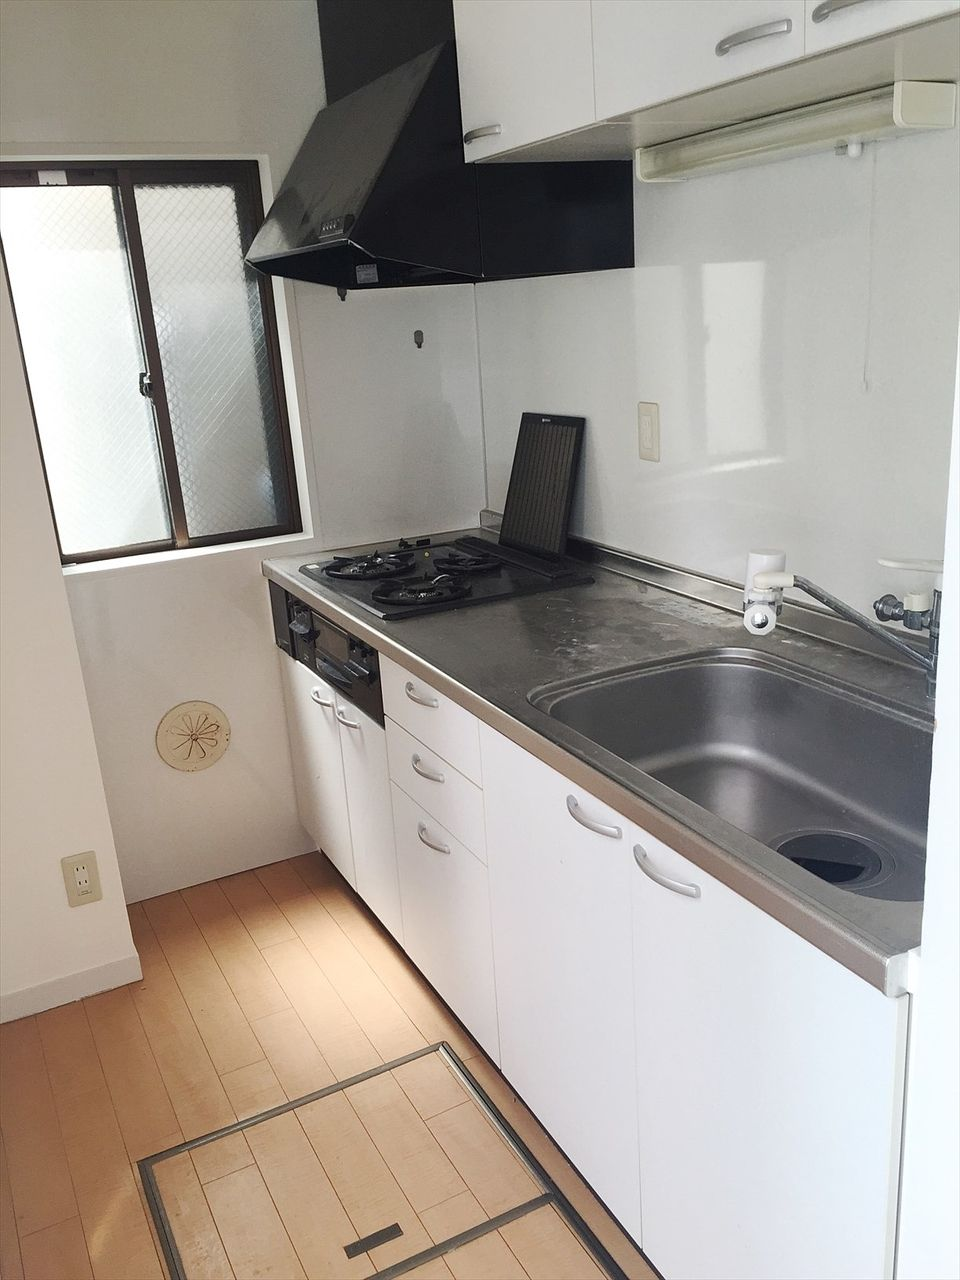 J818ビル4階のキッチンです ガスコンロ設置済み